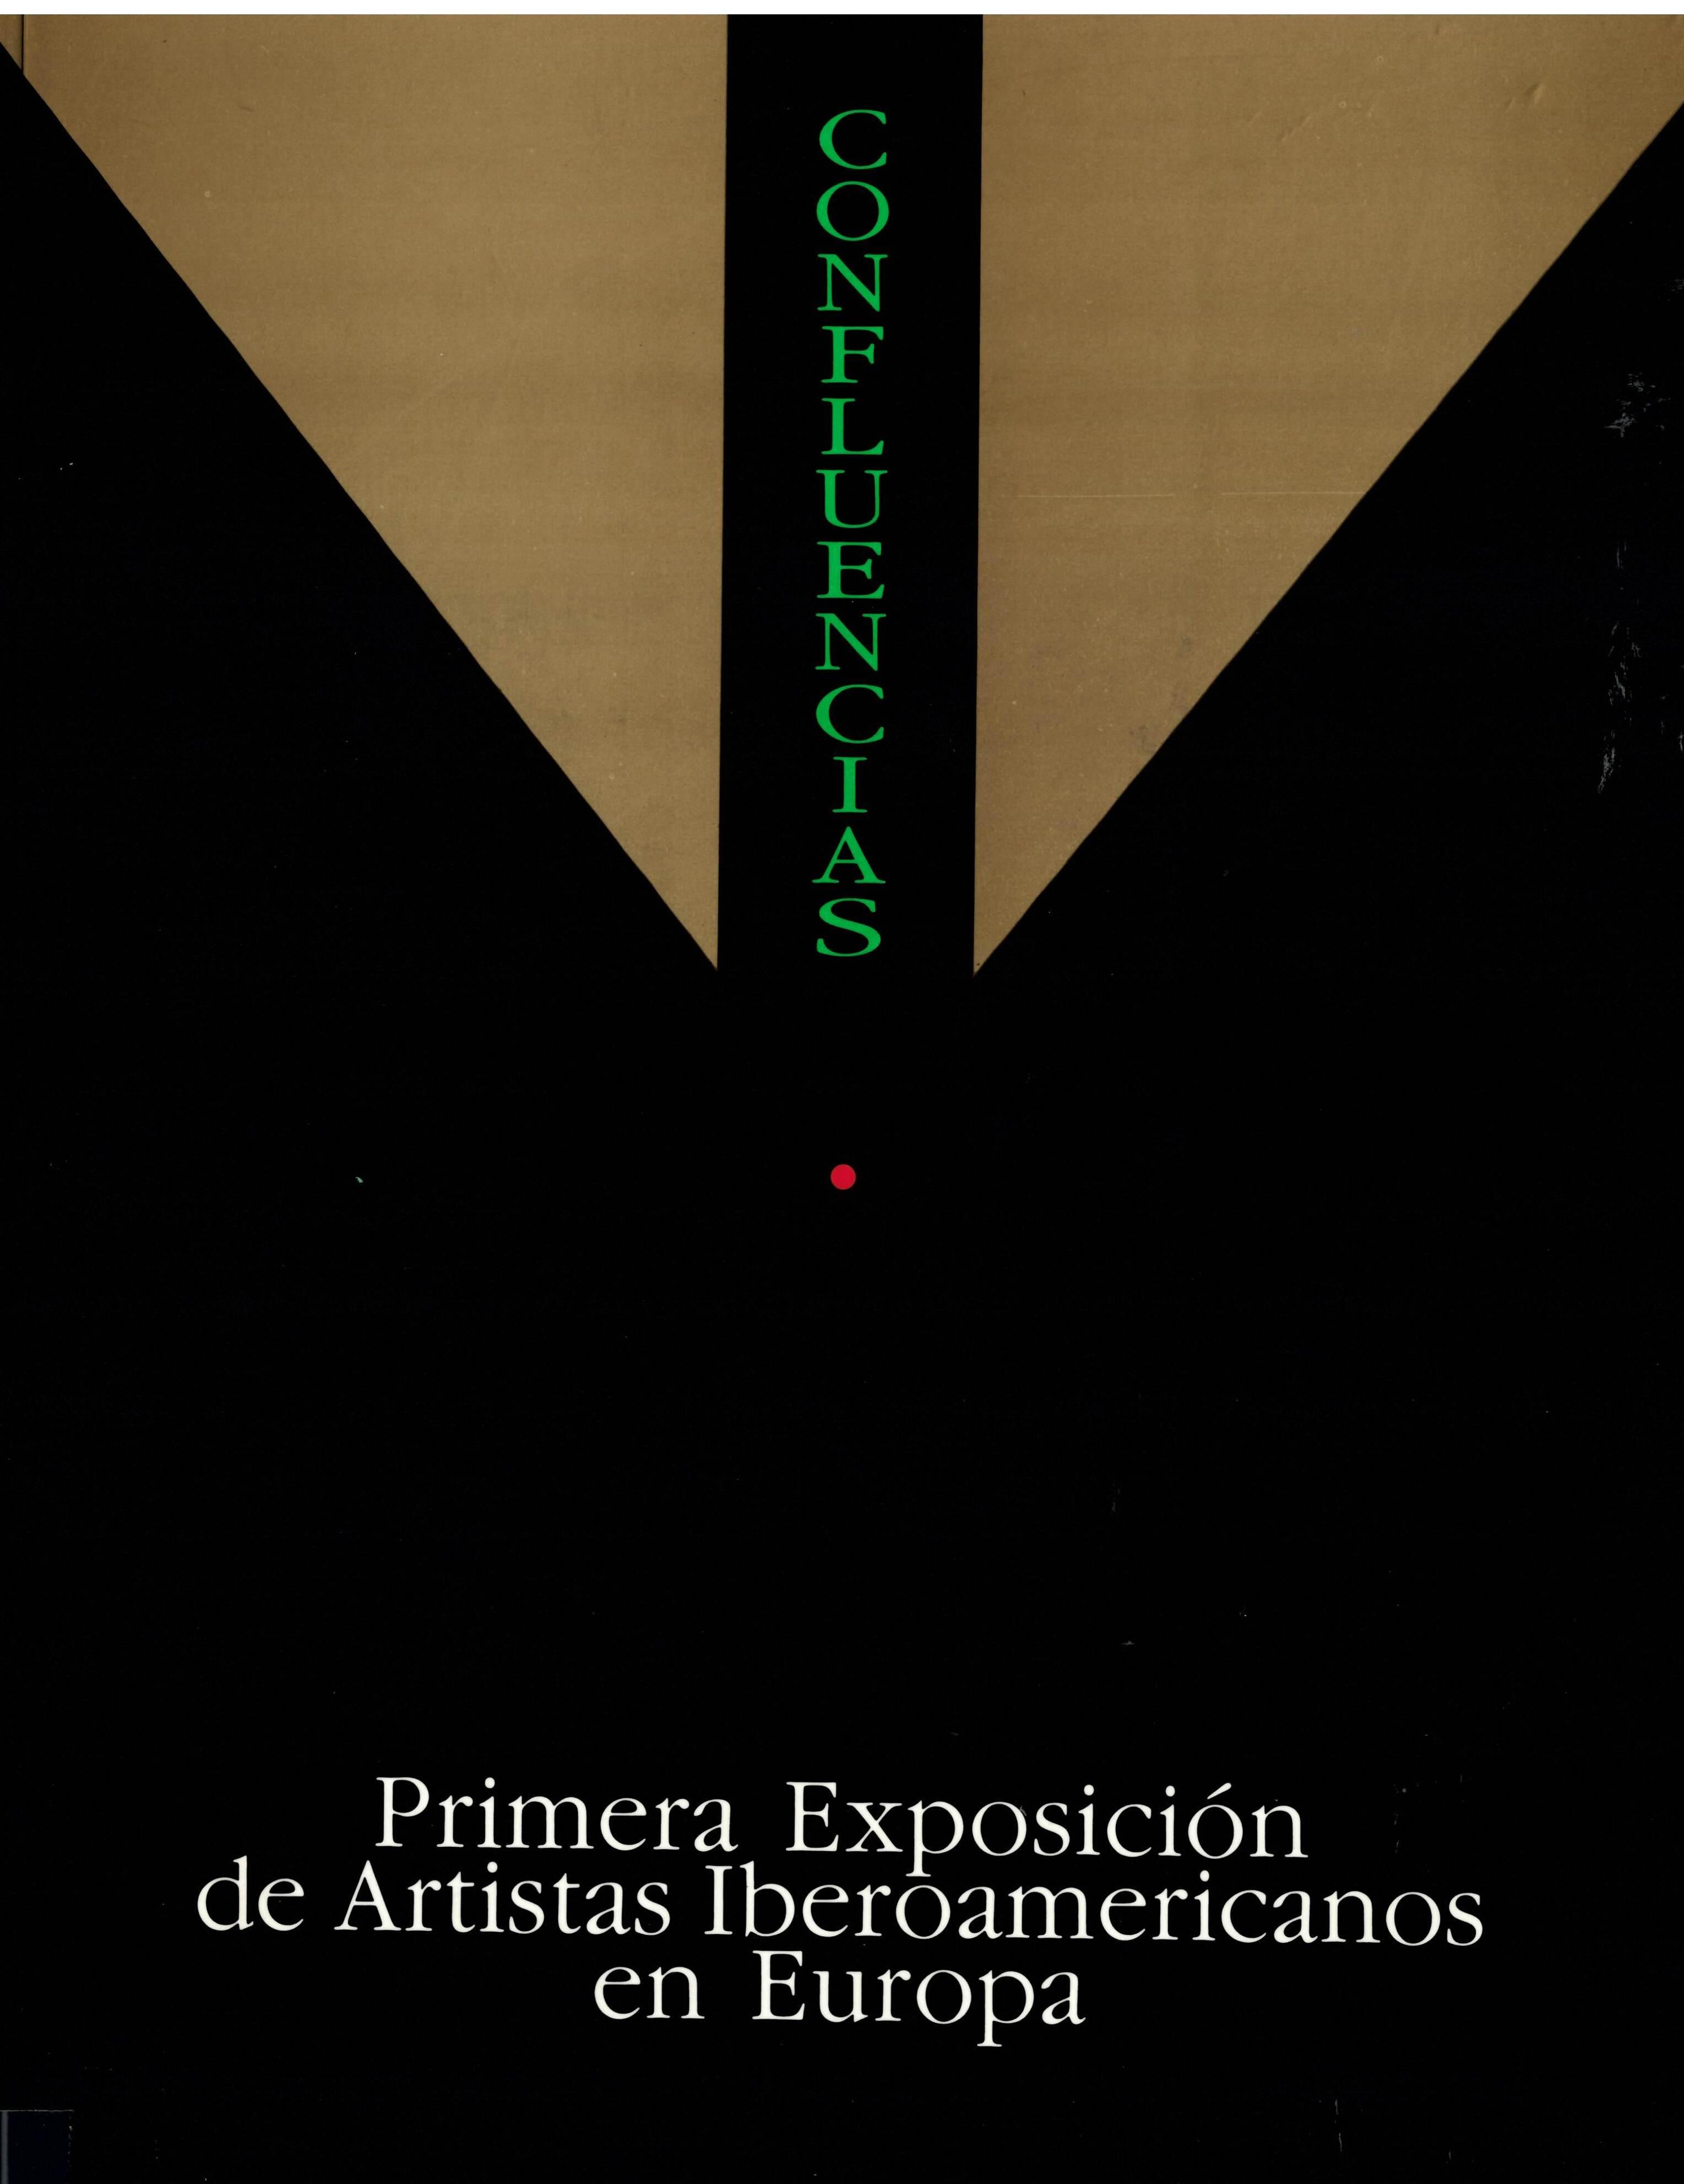 Confluencias. Primera exposición de artista iberoamerocanos en Europa